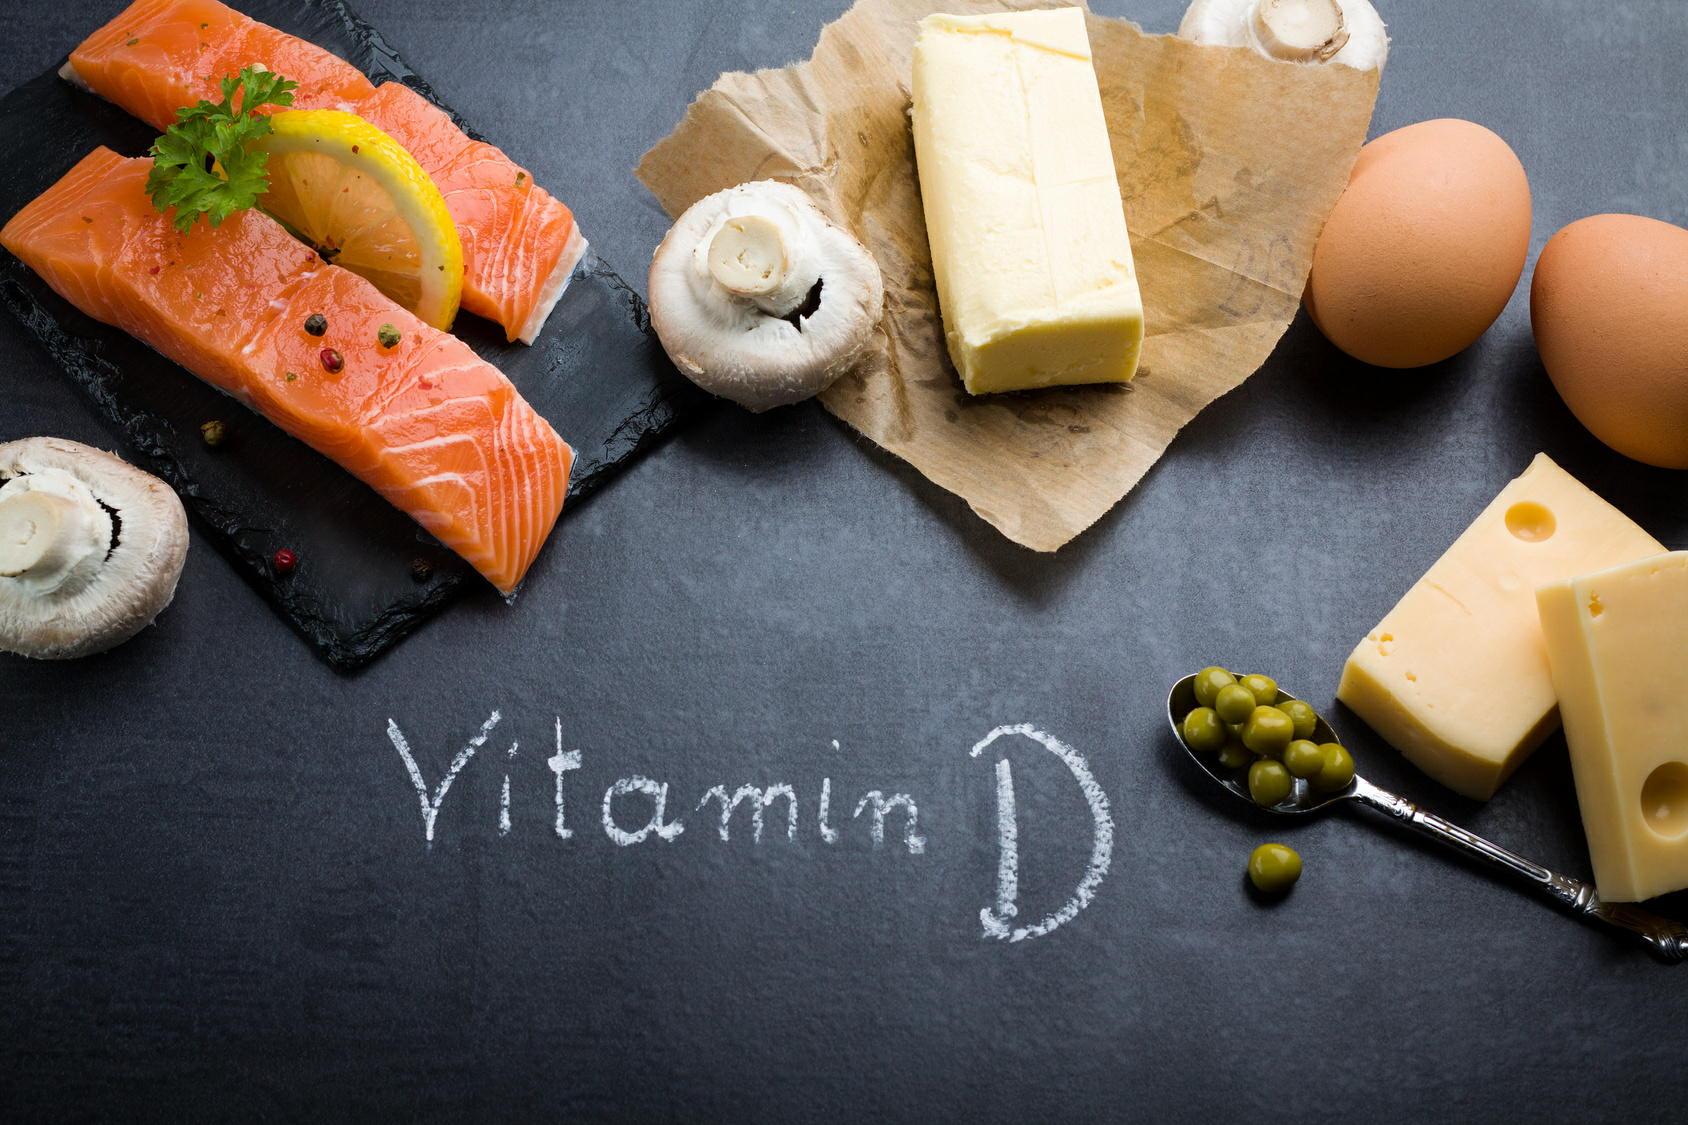 血中のビタミンD濃度が高いとがんリスク低下 日本人3万人以上を調査